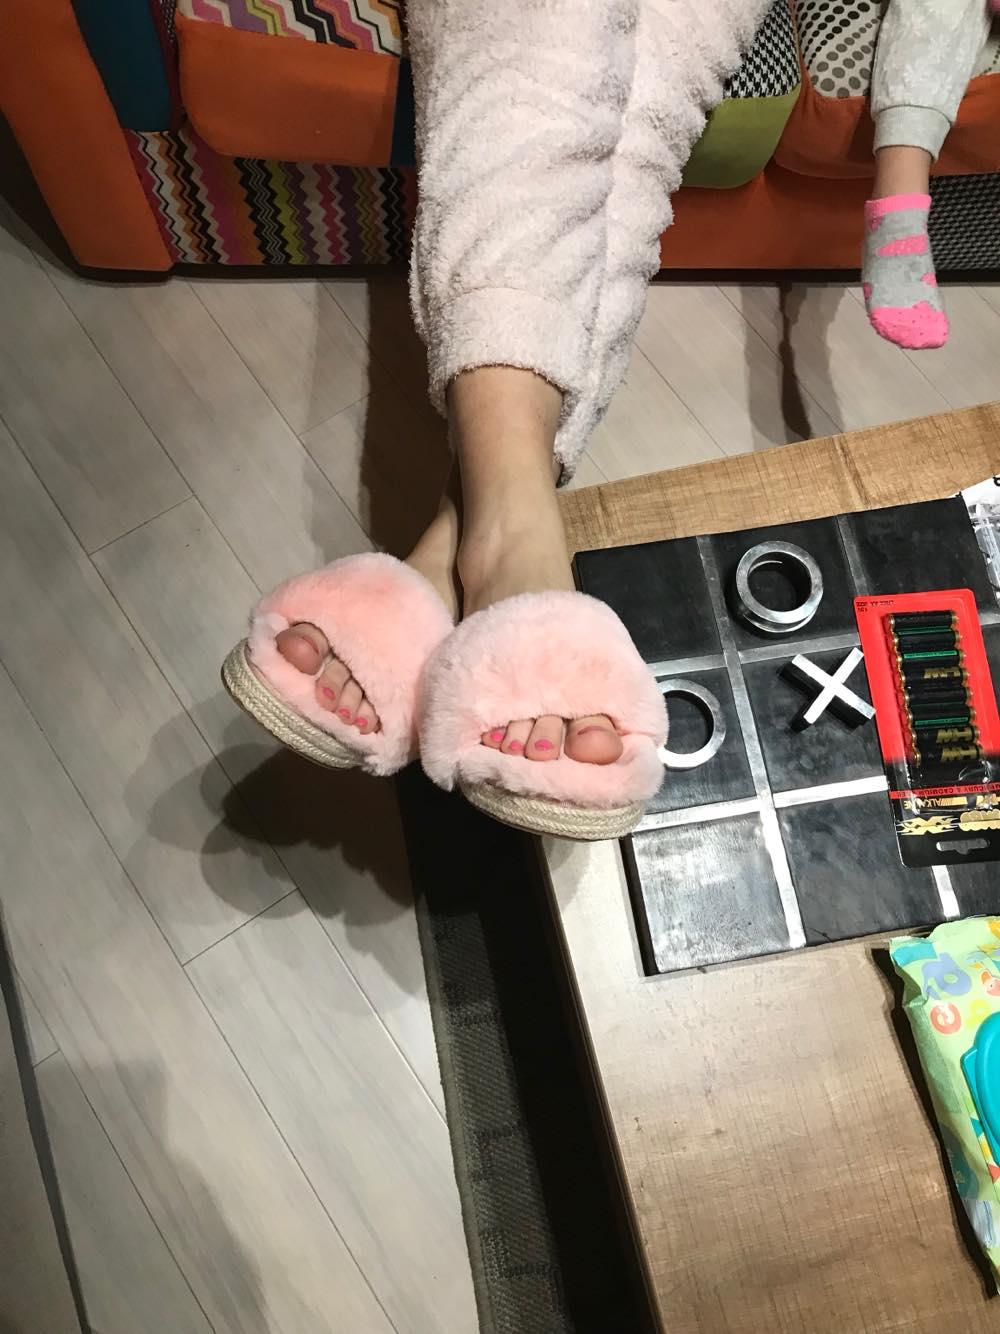 Papuci pufosi-min